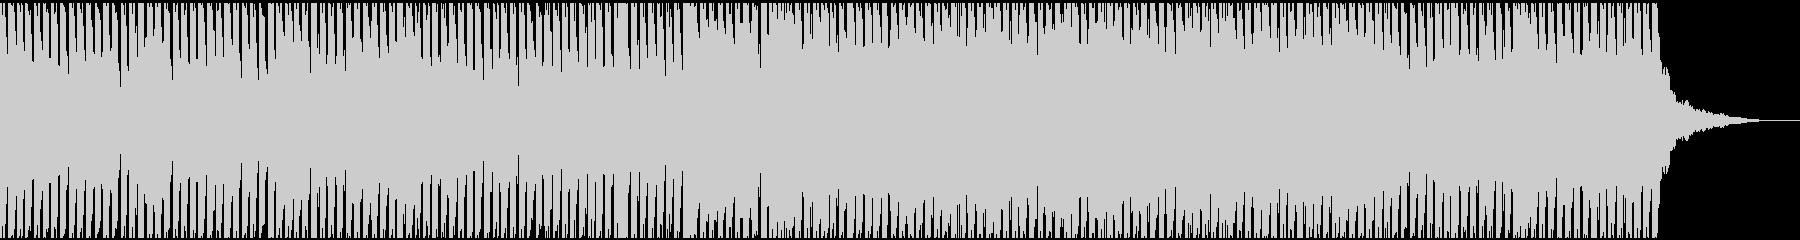 シュールで大人っぽいテクノサウンドの未再生の波形